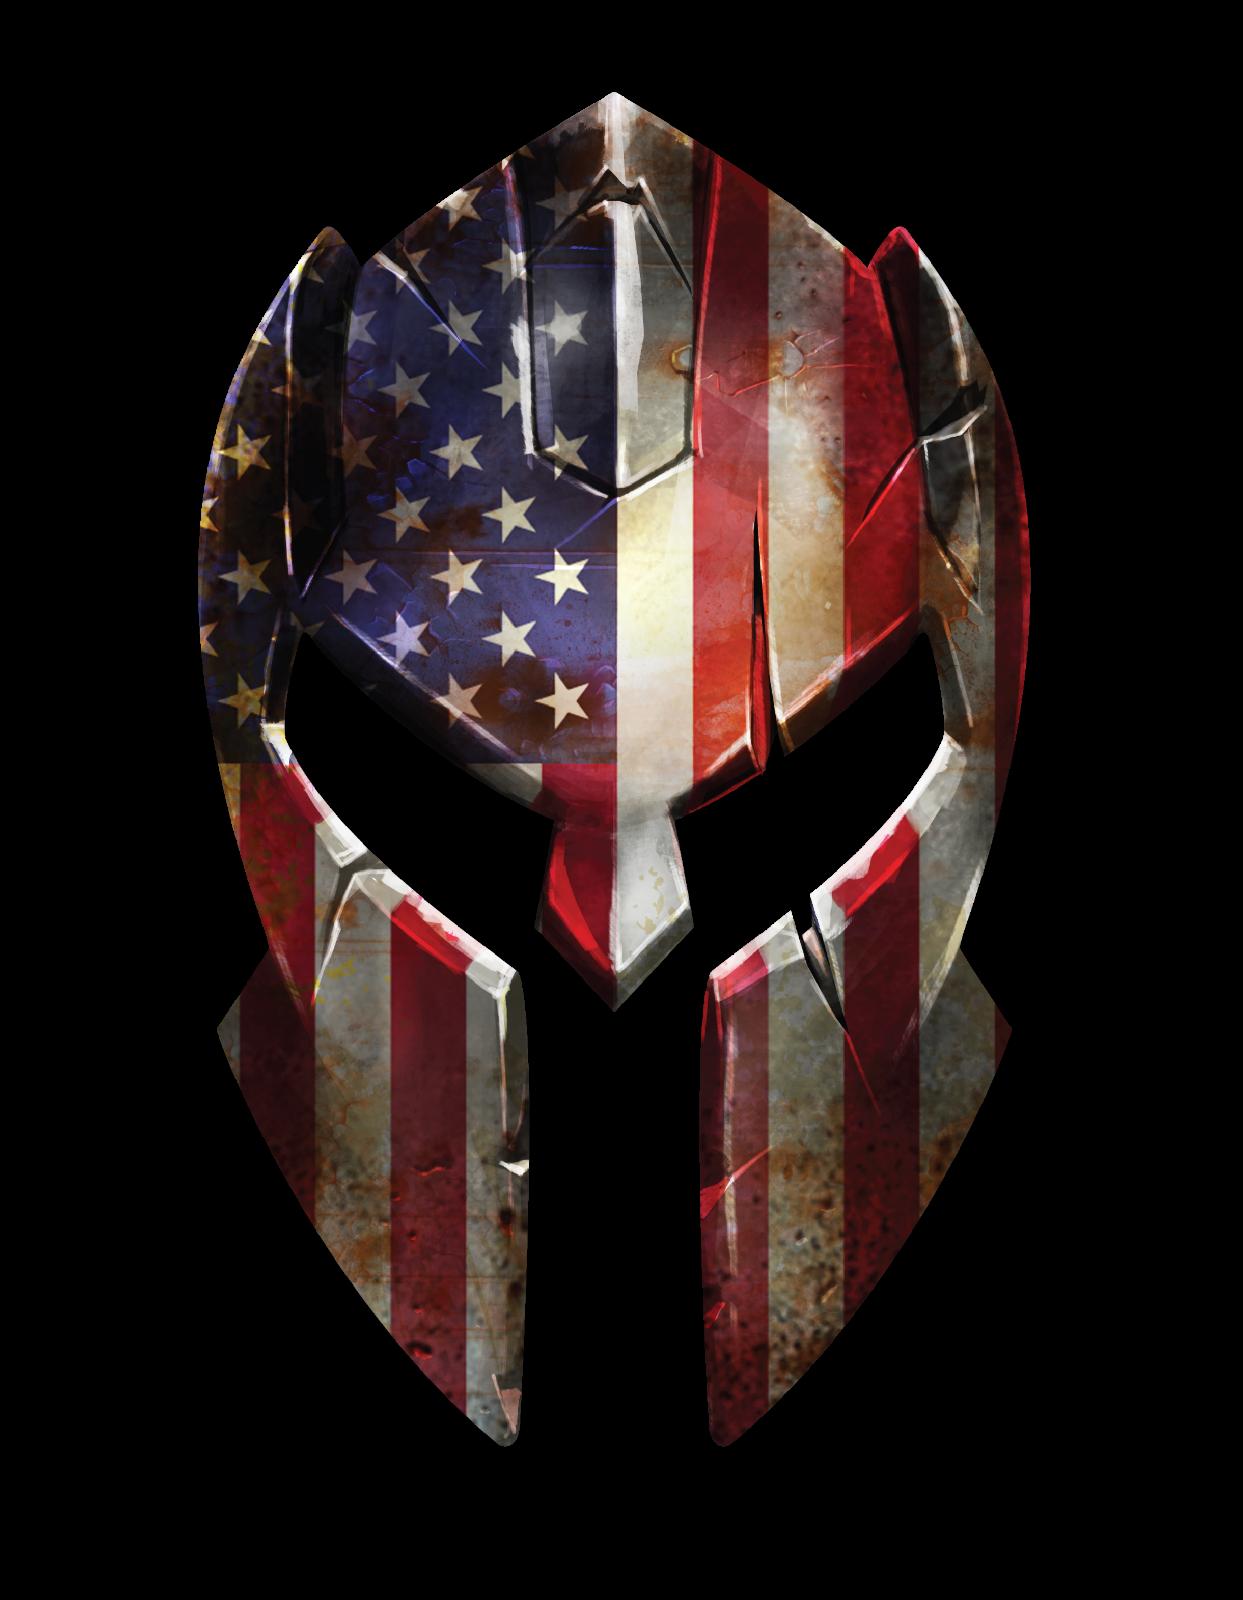 USA Molon Labe Spartan Helmet Decal Gun Rights Sticker 2nd ...